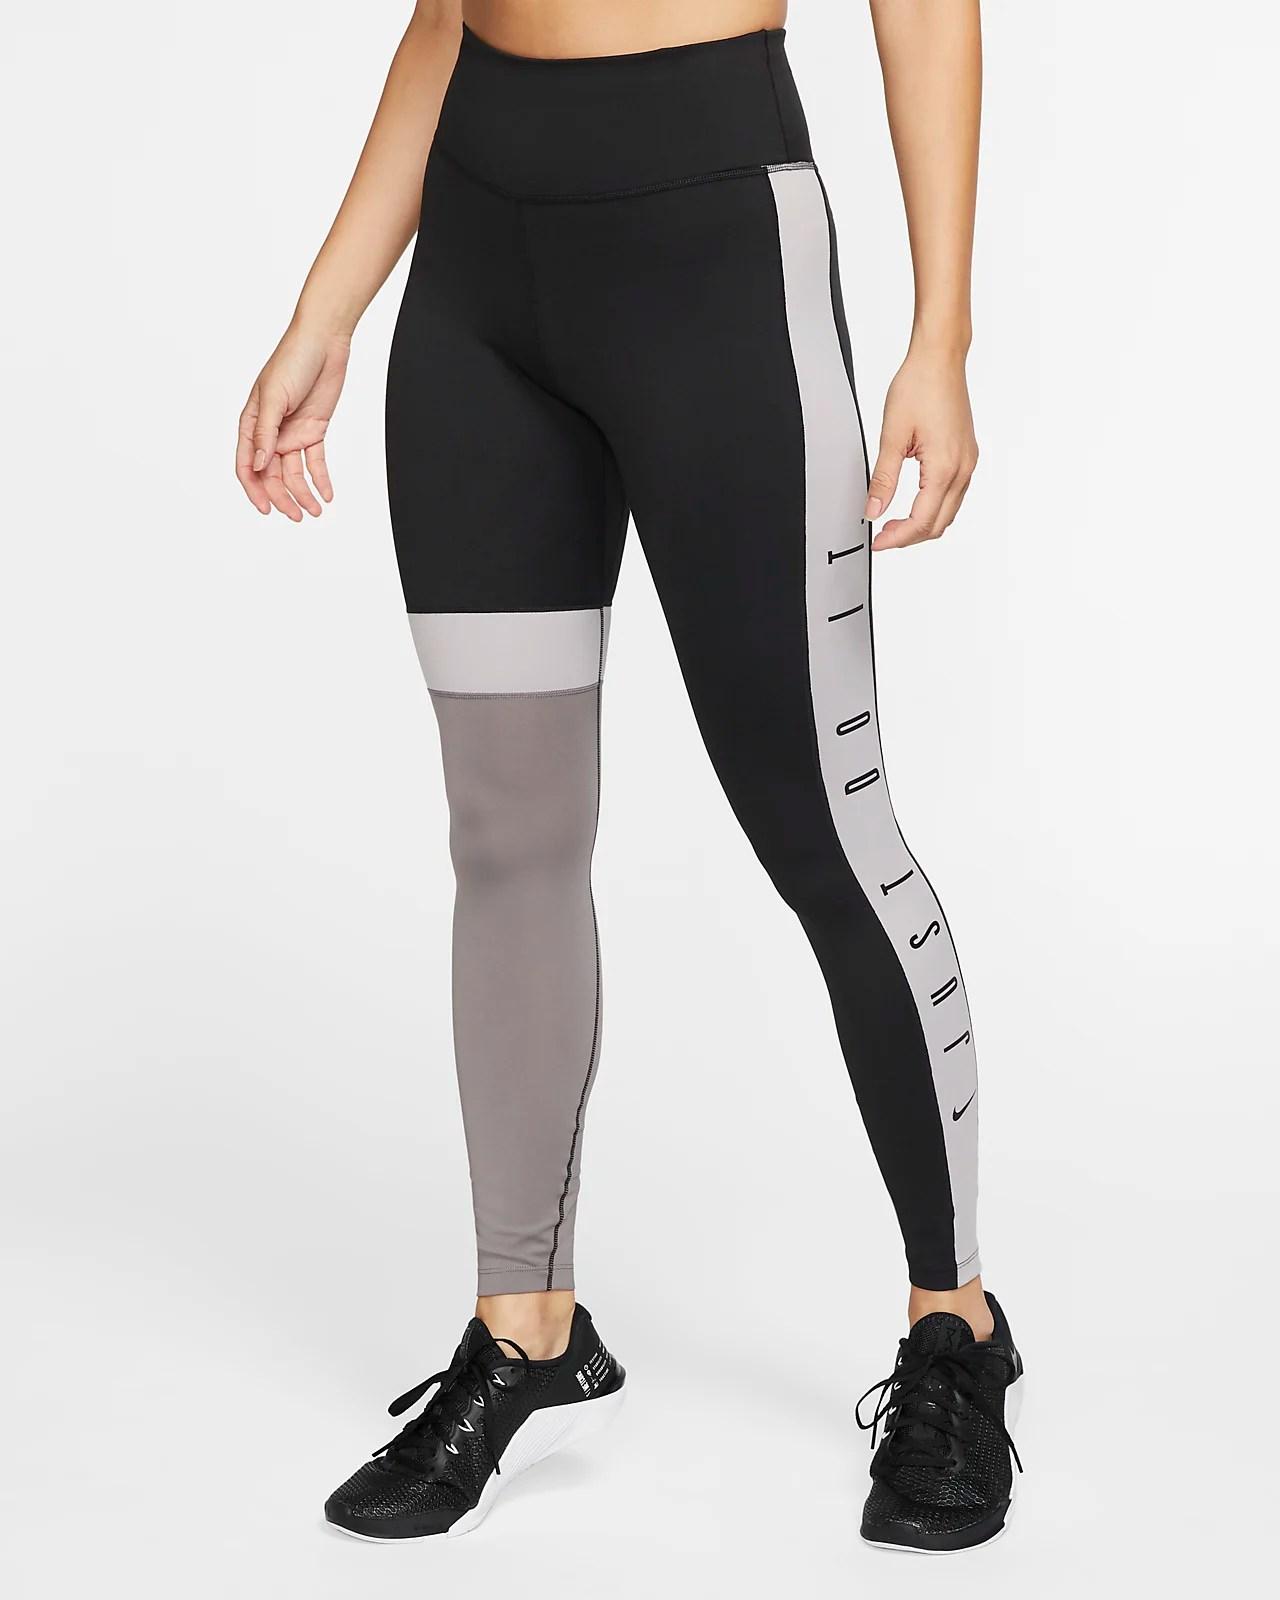 Nike One 女款 7/8 緊身褲. Nike TW